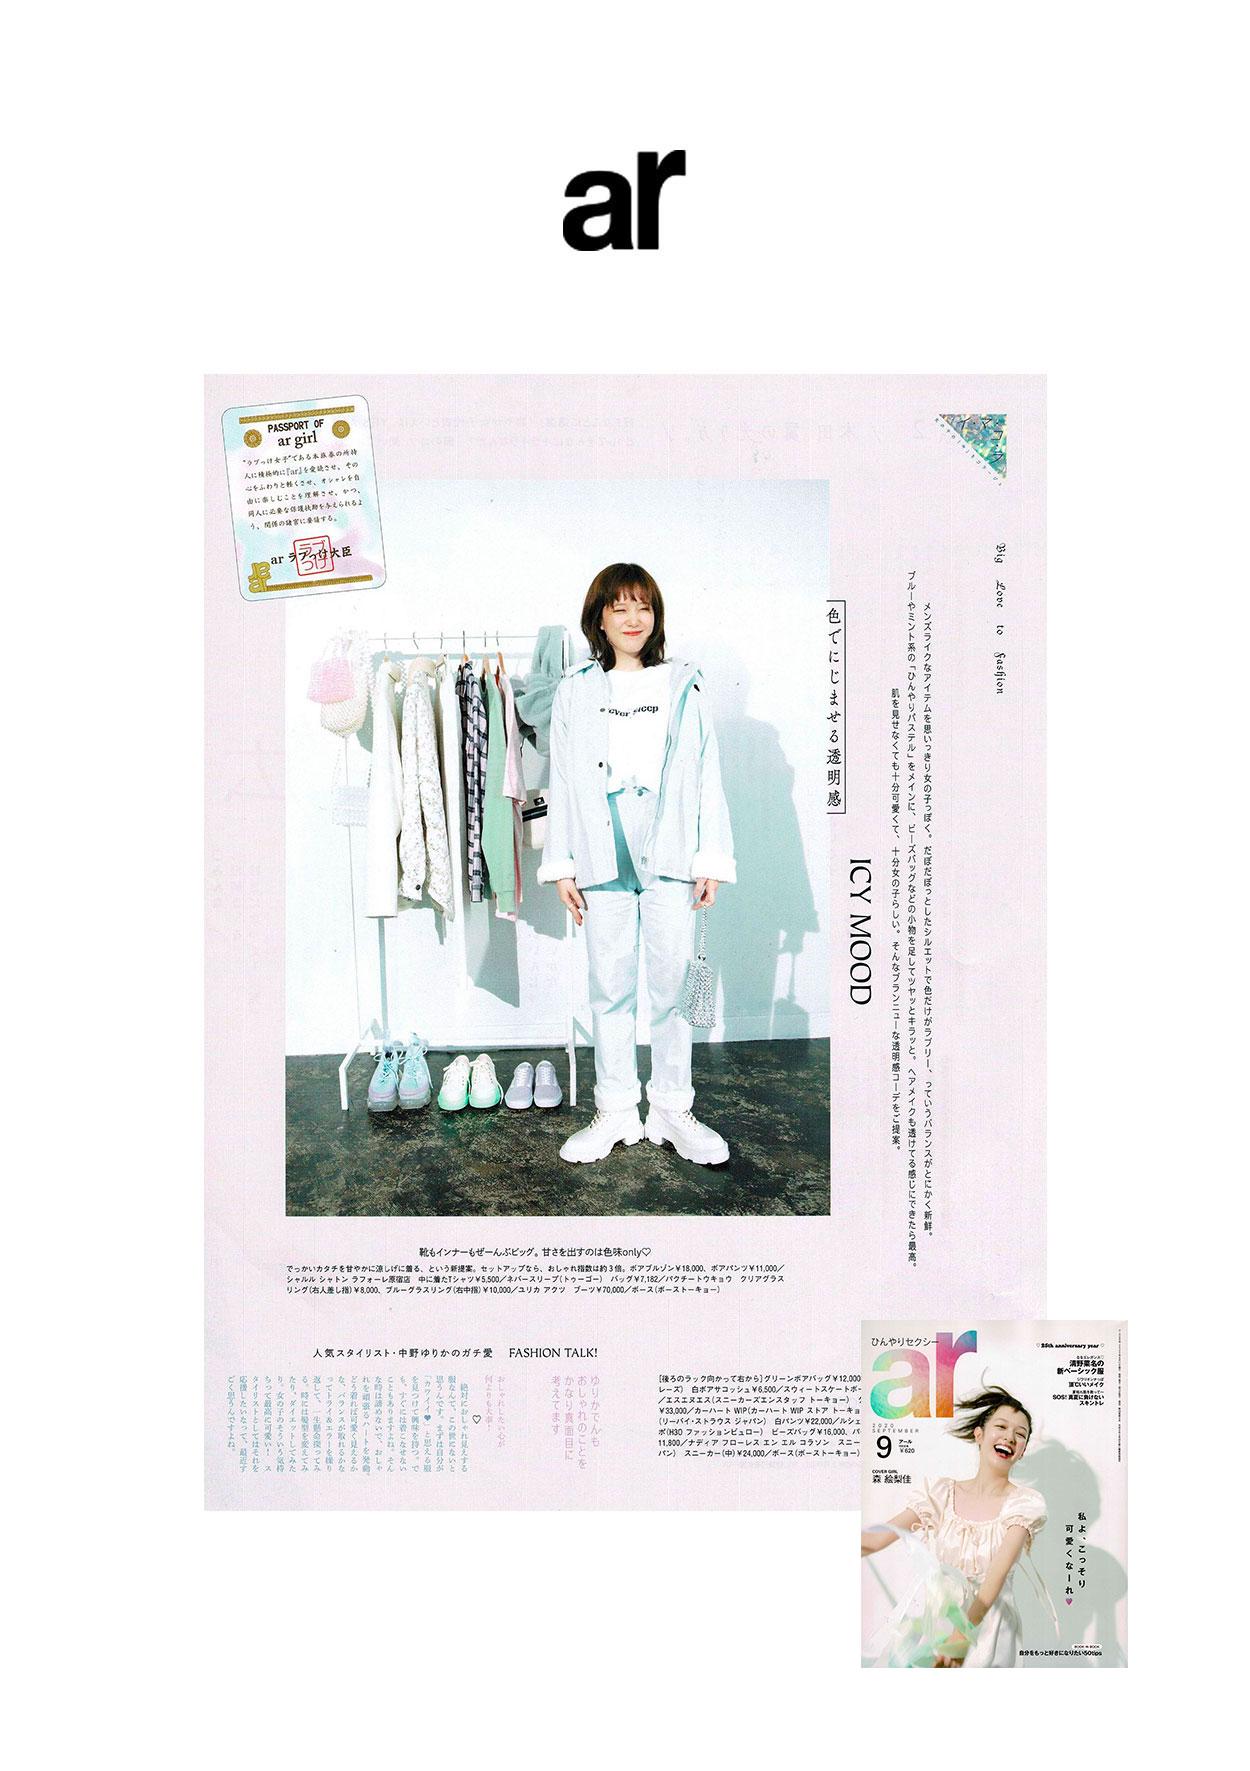 melampo-press-ar-magazine2